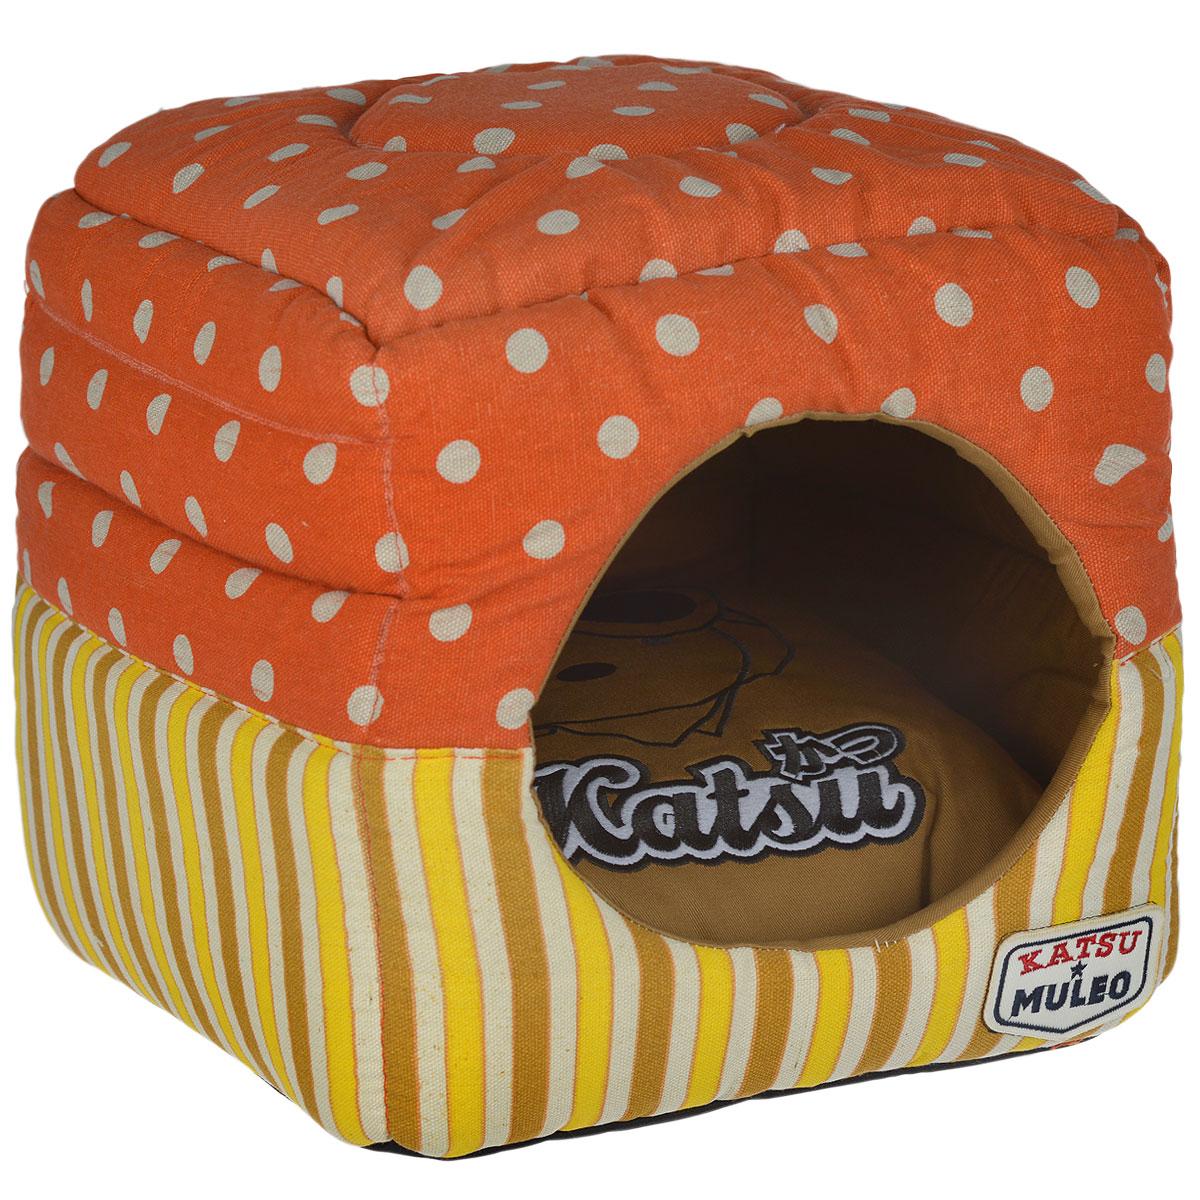 Домик Katsu Muleo, складной, цвет: оранжевый, размер S домик для кошек и собак titbit с игрушкой цвет рыжий 43 см х 43 см х 40 см